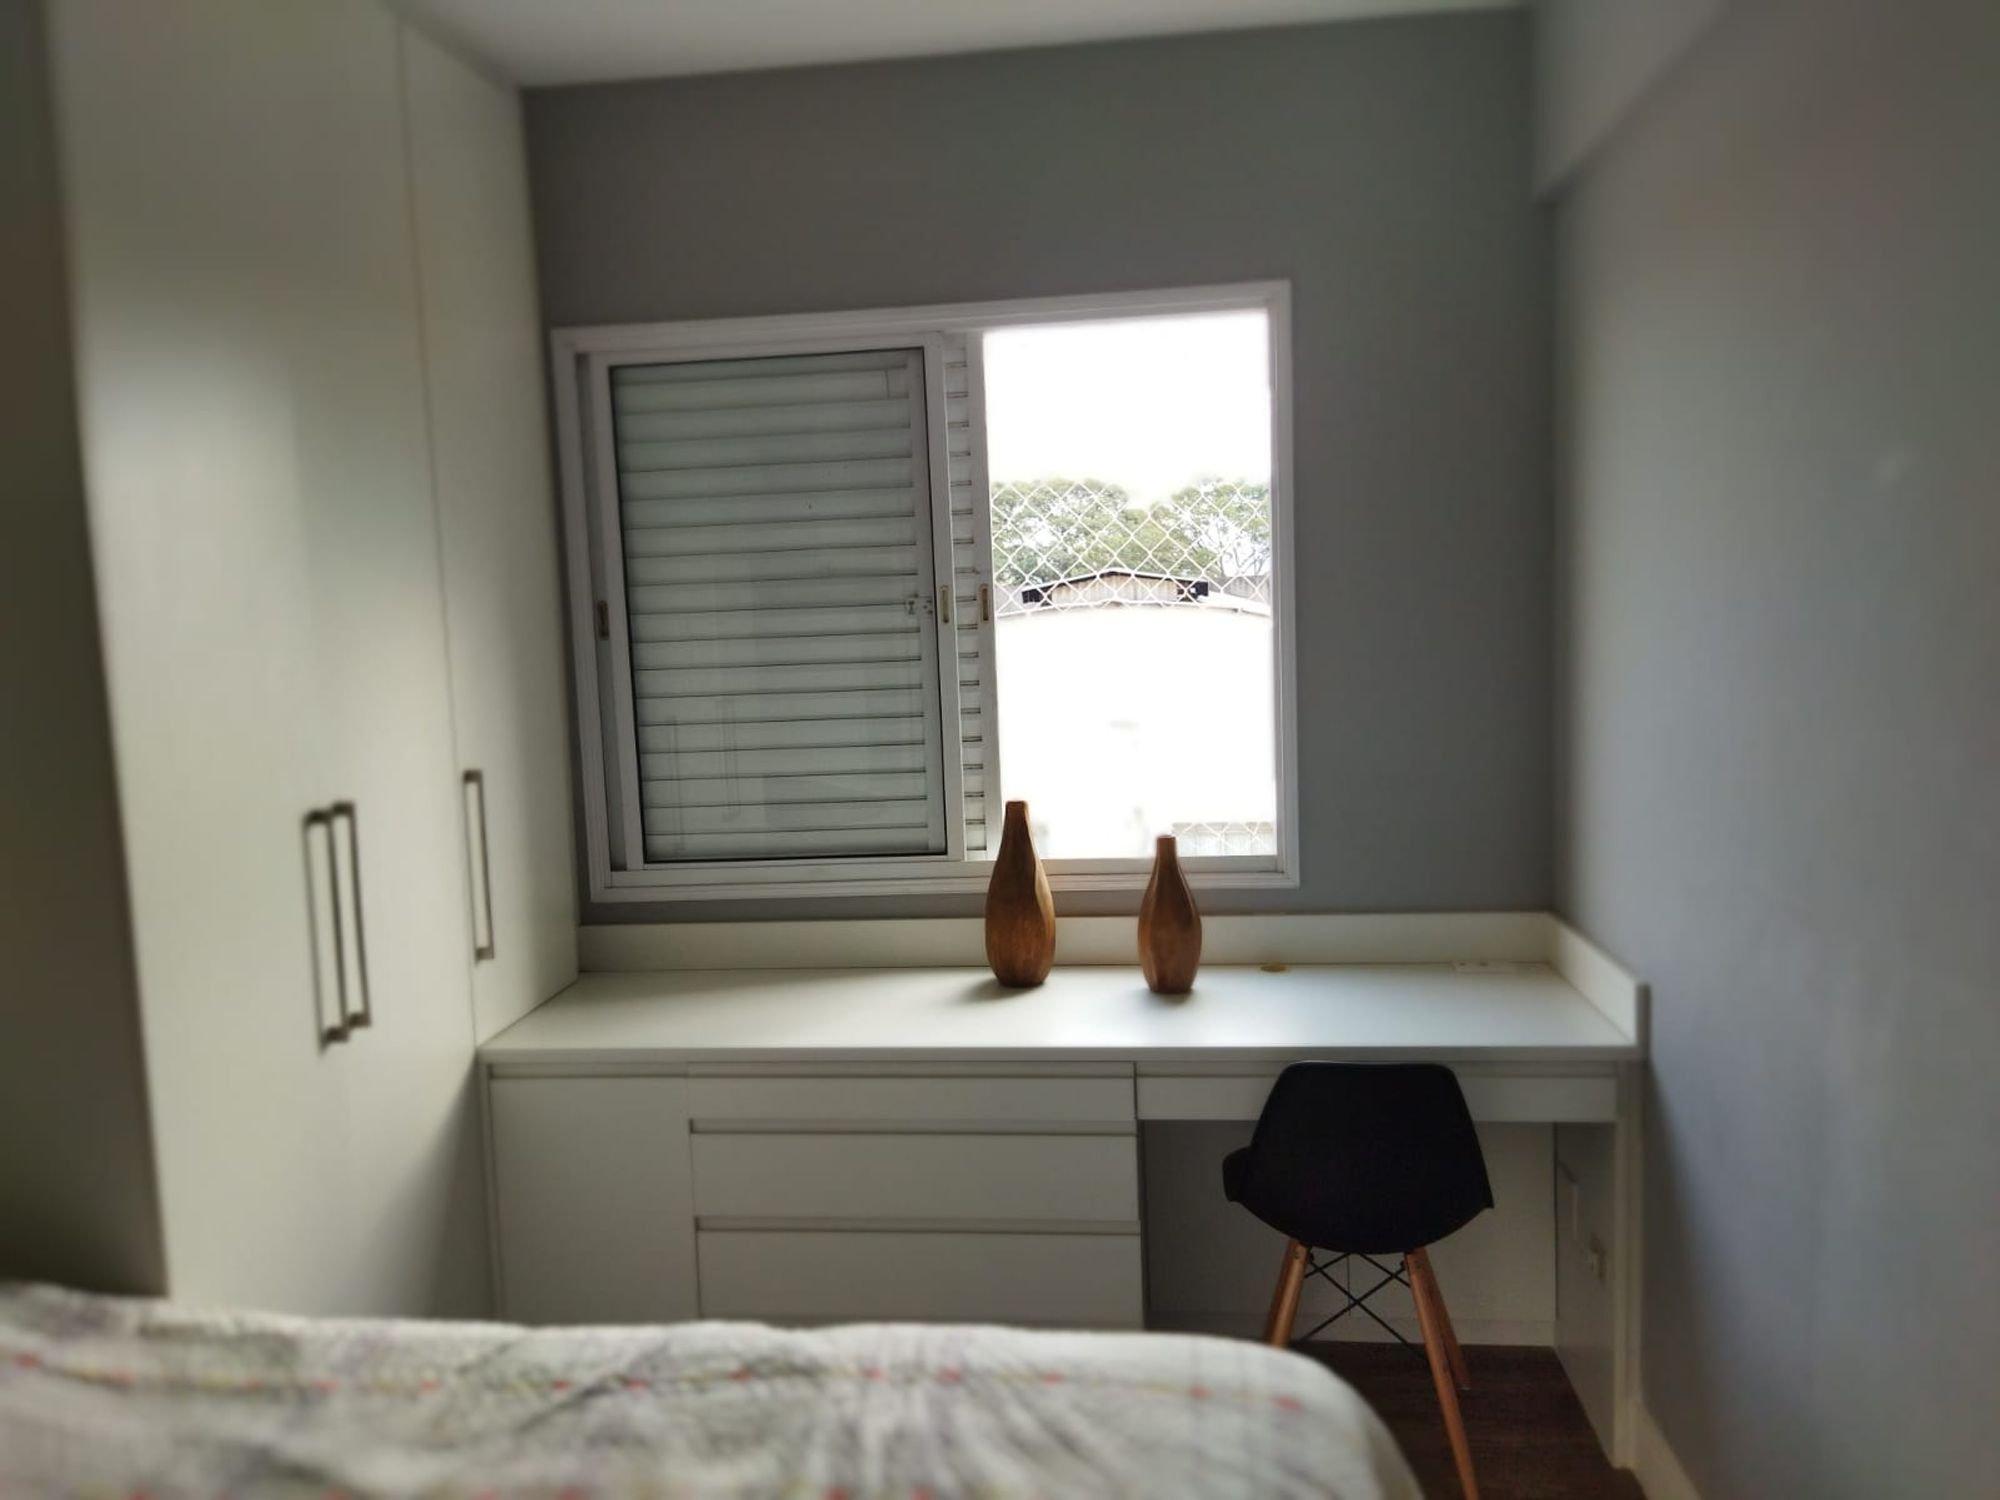 Foto de Quarto com cama, vaso, cadeira